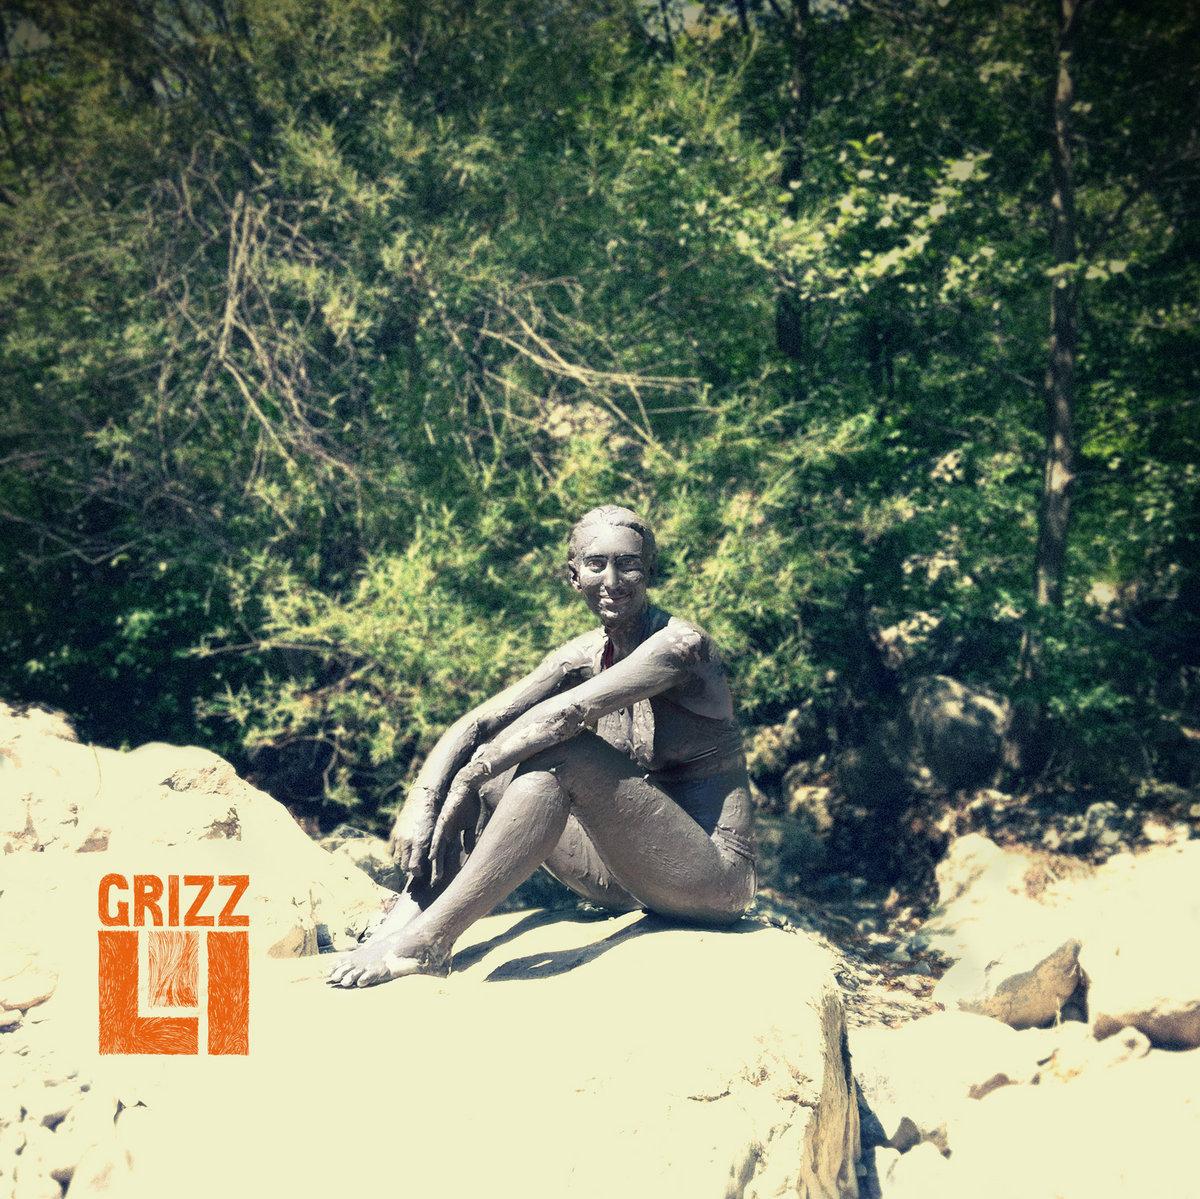 Grizz-Li MARSEILLE 2013